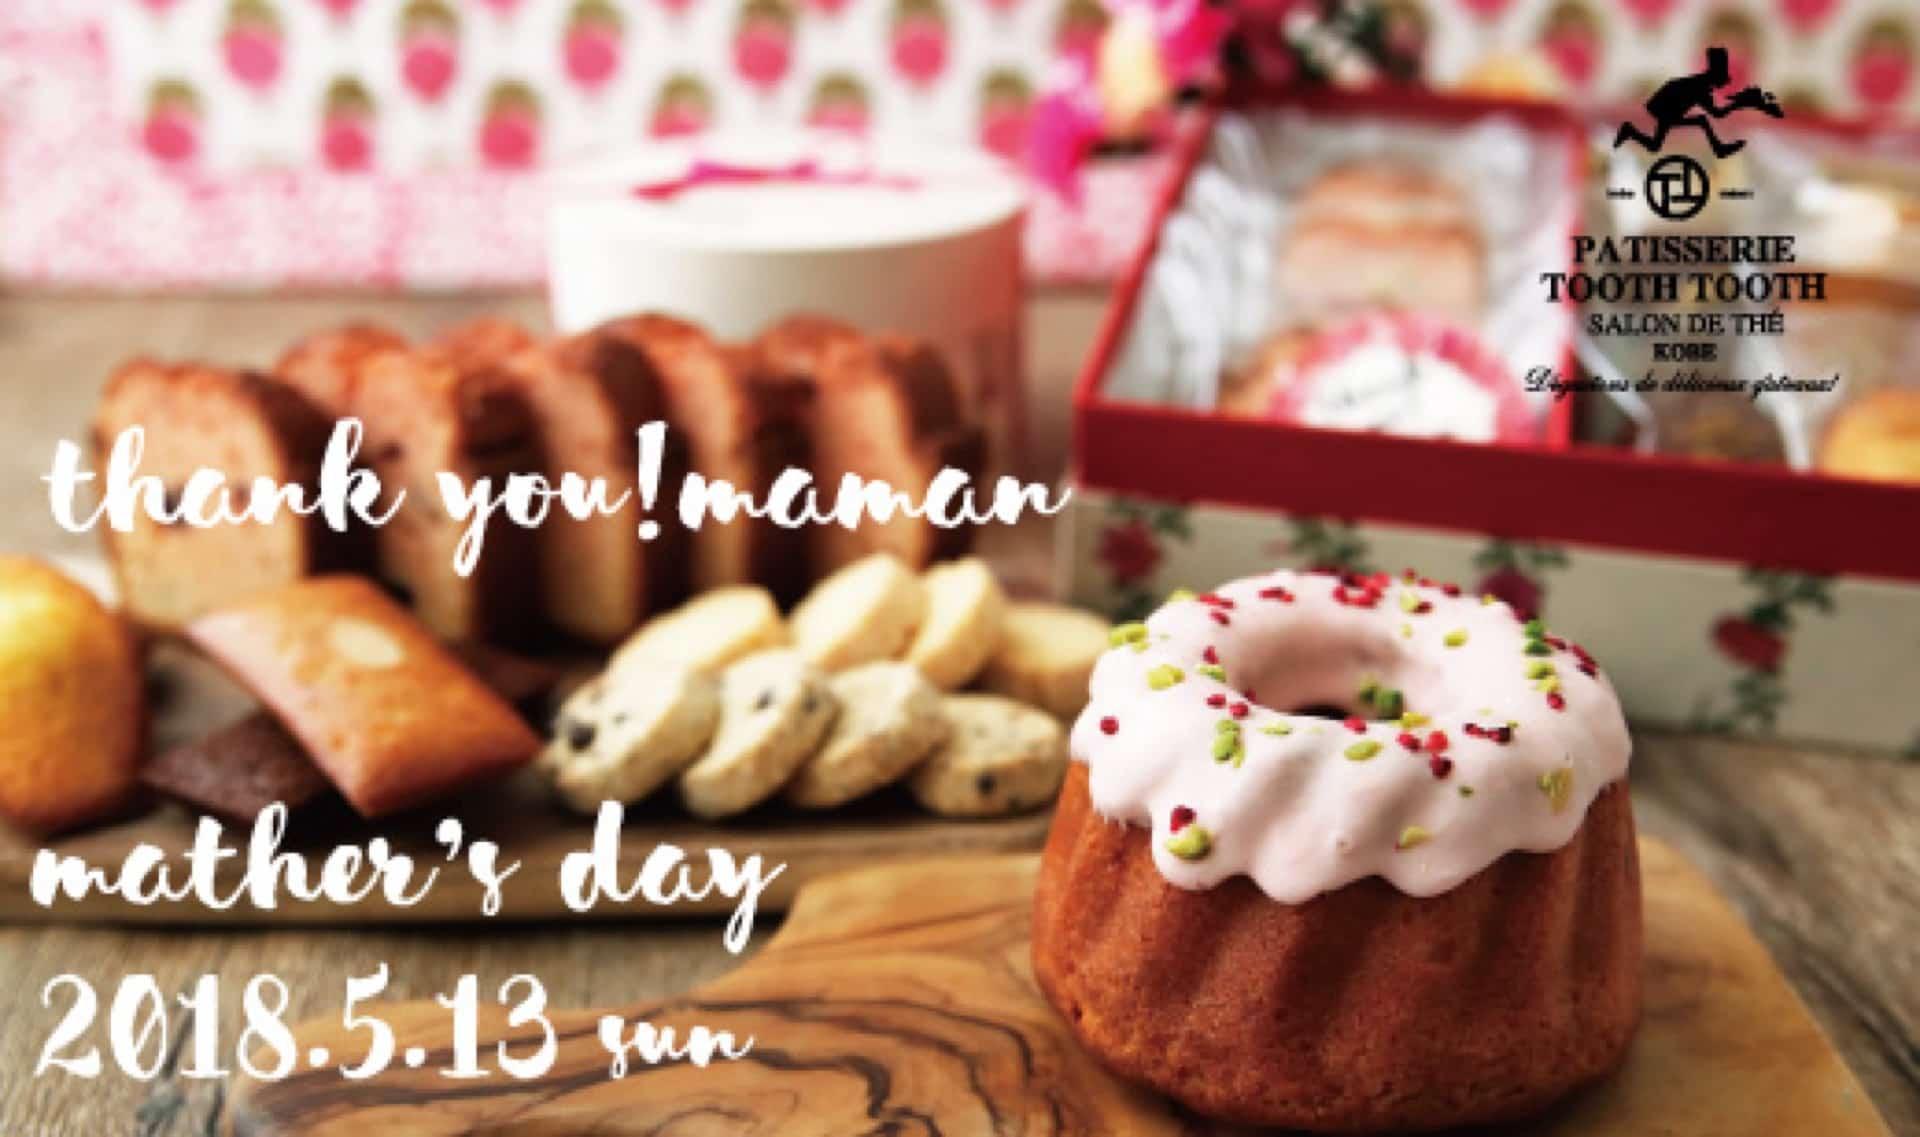 オシャレでかわいい♡神戸の「TOOTH TOOTH」の母の日限定ケーキ&焼き菓子で感謝を伝えよう